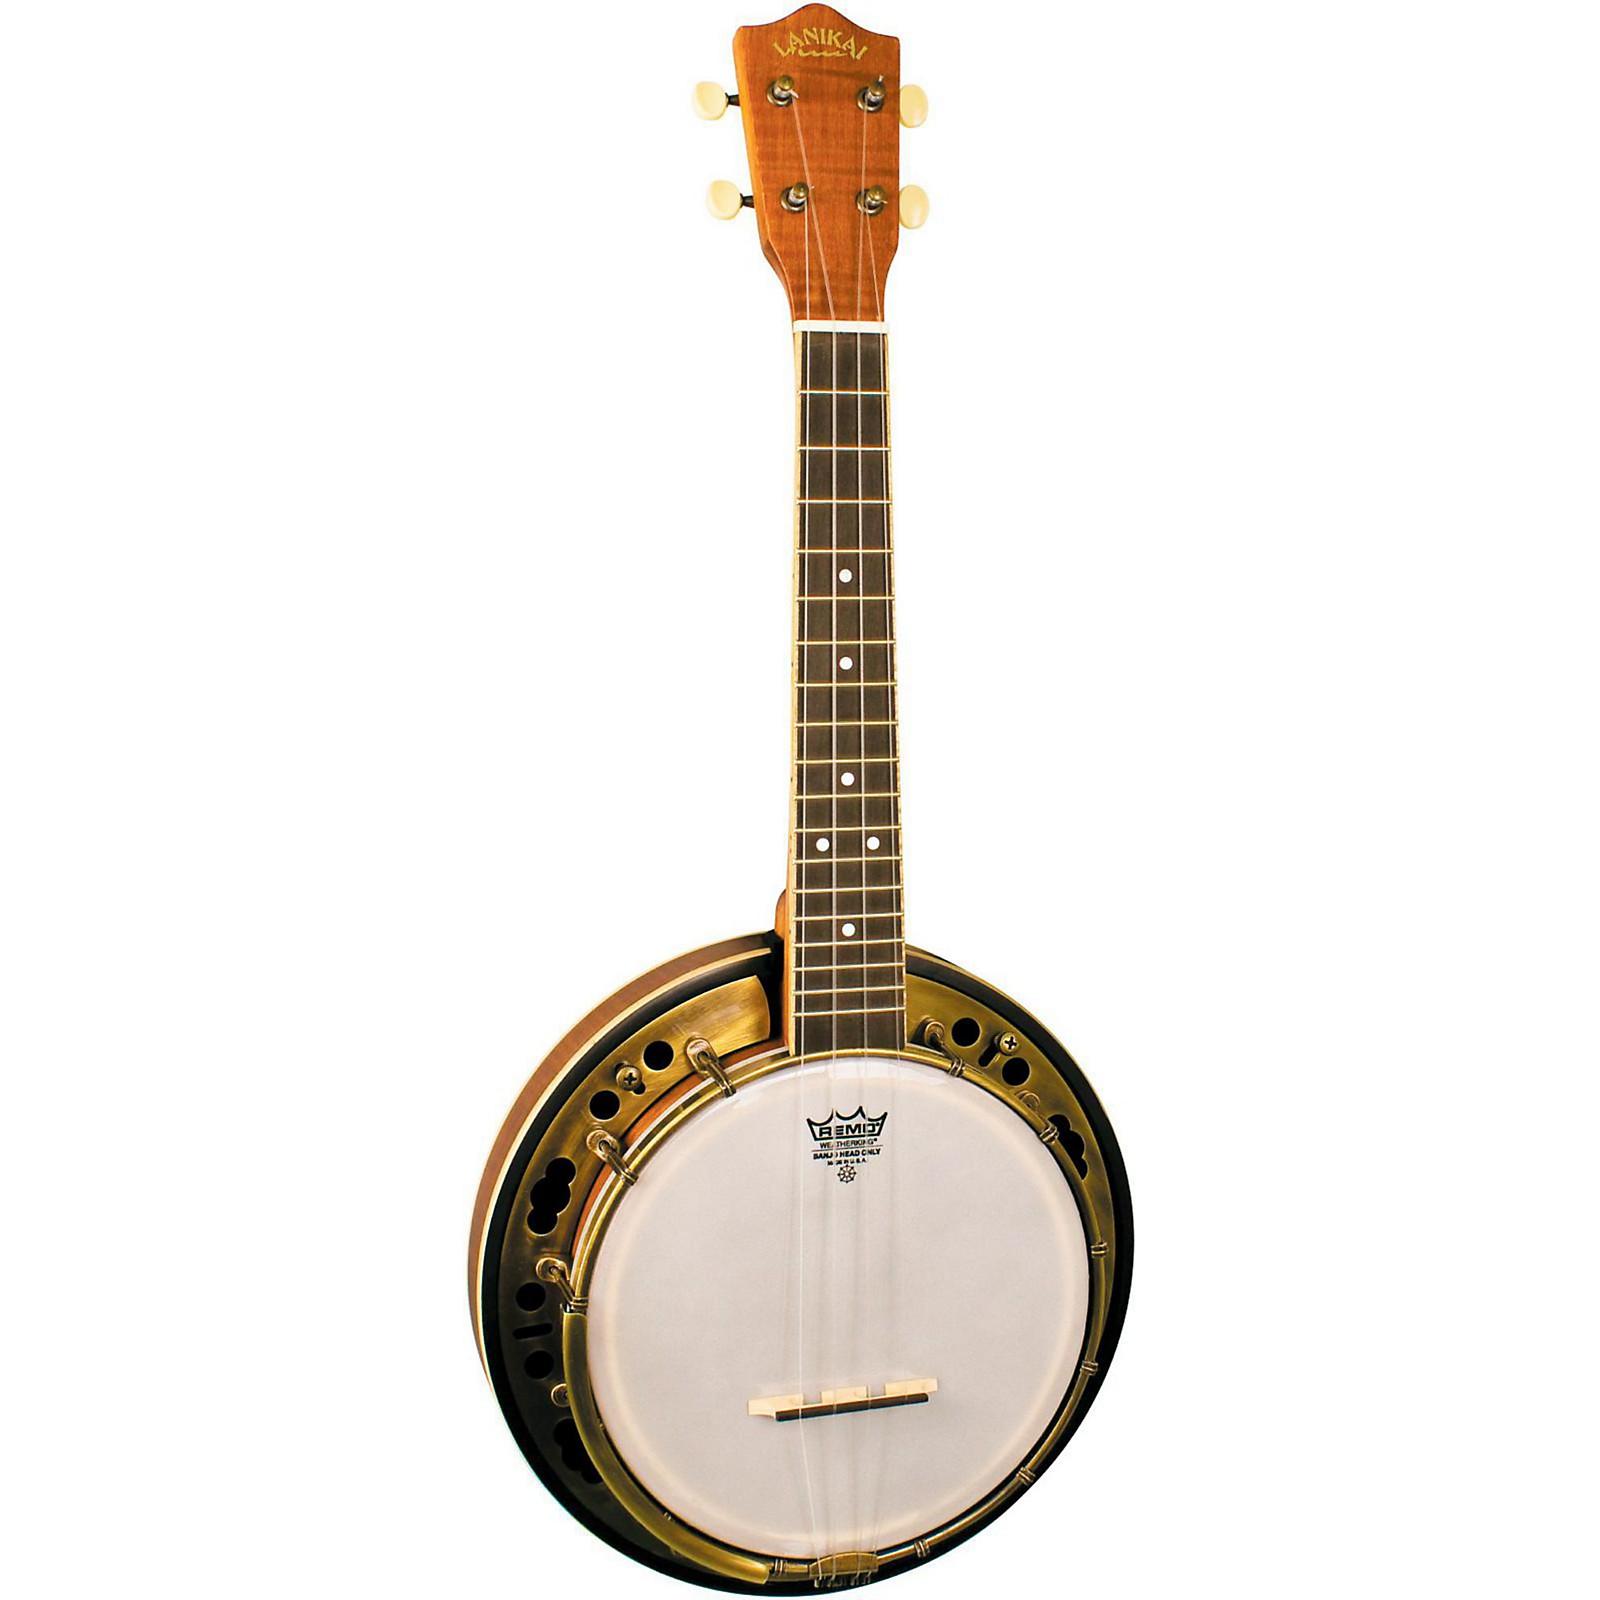 Lanikai LBU-C Concert Size Banjolele with Custom Gig bag